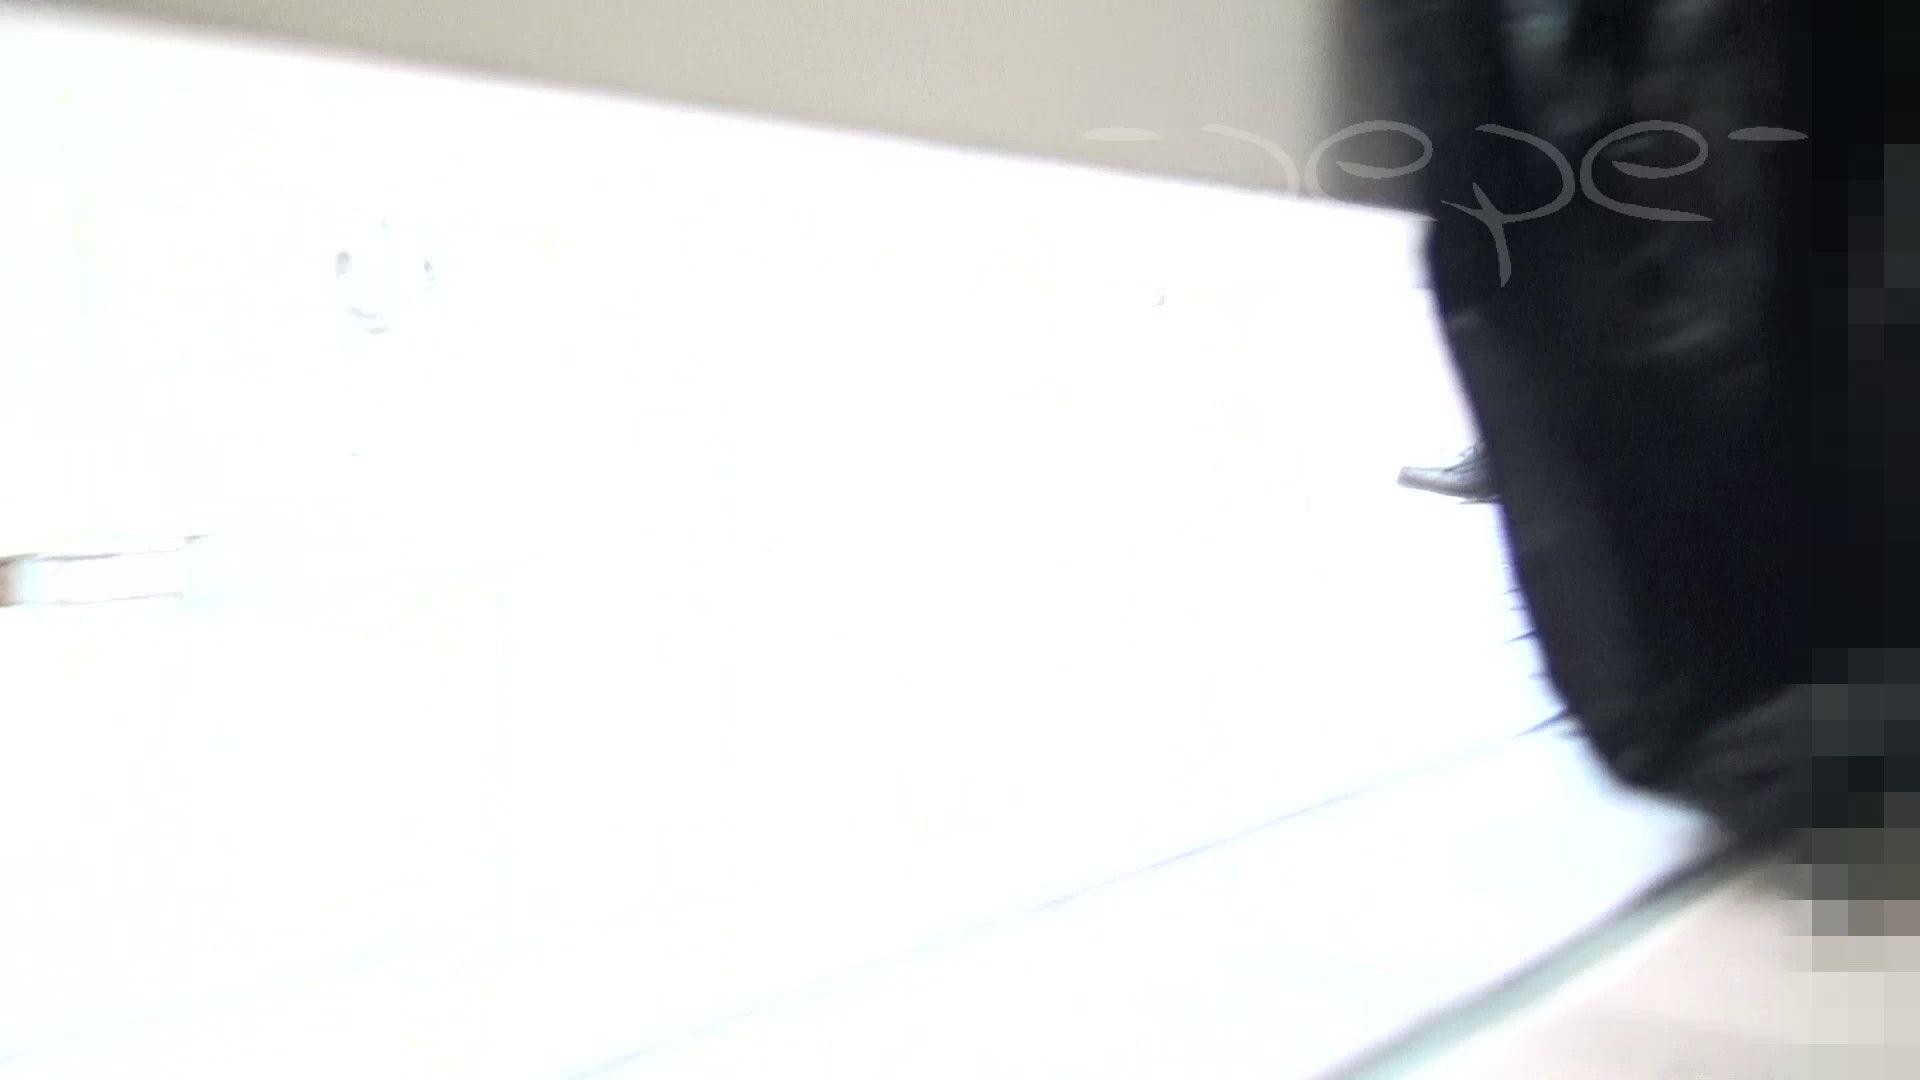 【14位 2016】至高洗面所盗撮 32 体育館 ▲期間限定D▲ 盗撮 覗きおまんこ画像 101pic 22